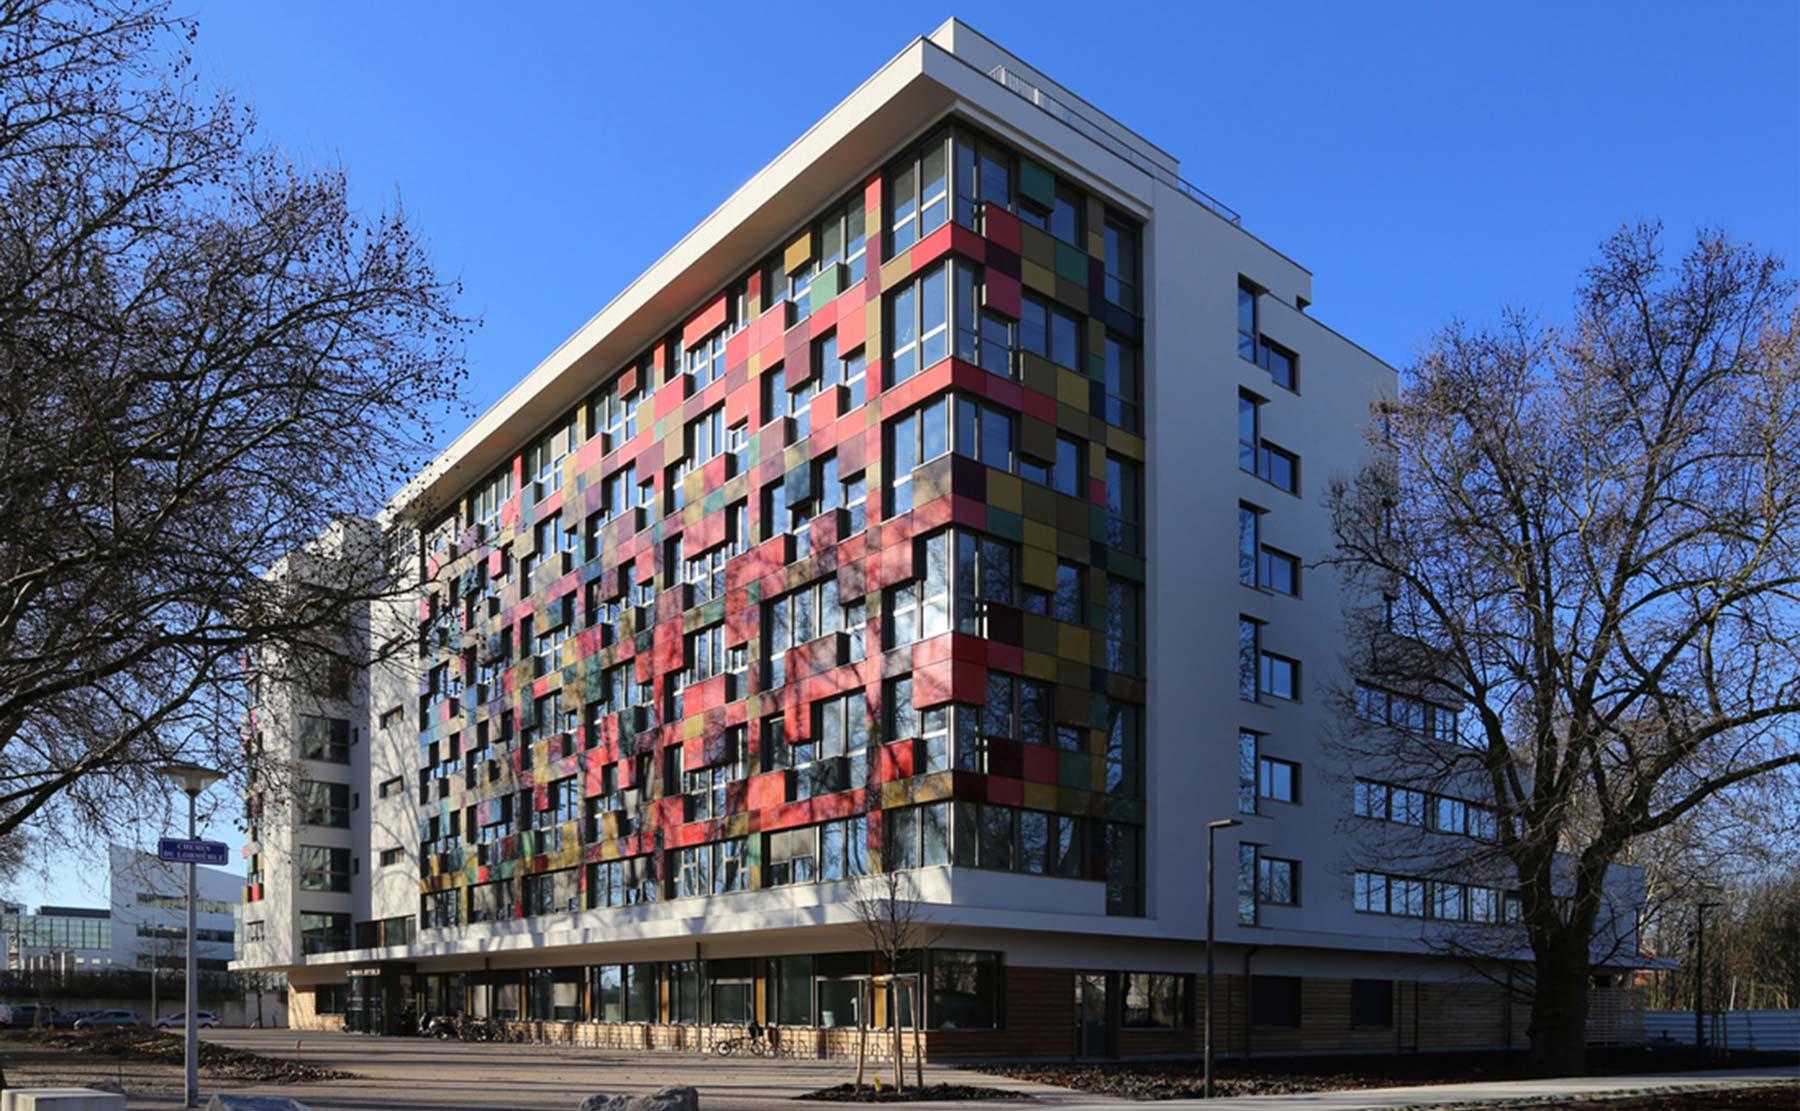 Mongiello  Plisson  Sige de CUS Habitat et dHabitation Moderne  Strasbourg  Vues